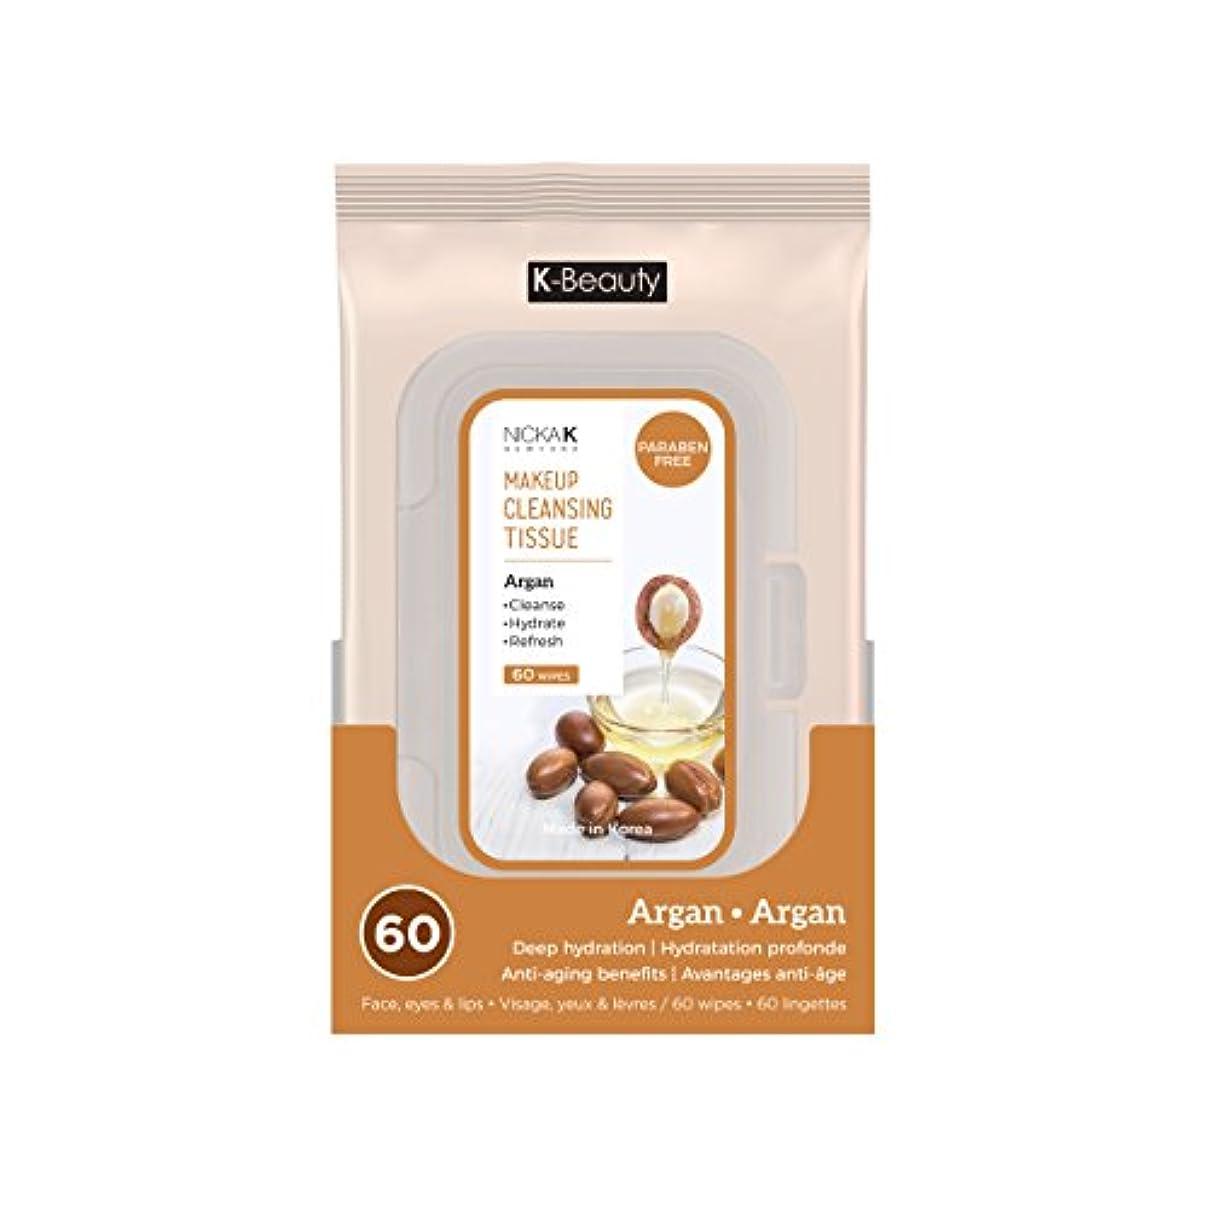 失われた土器タバコNICKA K Make Up Cleansing Tissue - Argan (並行輸入品)